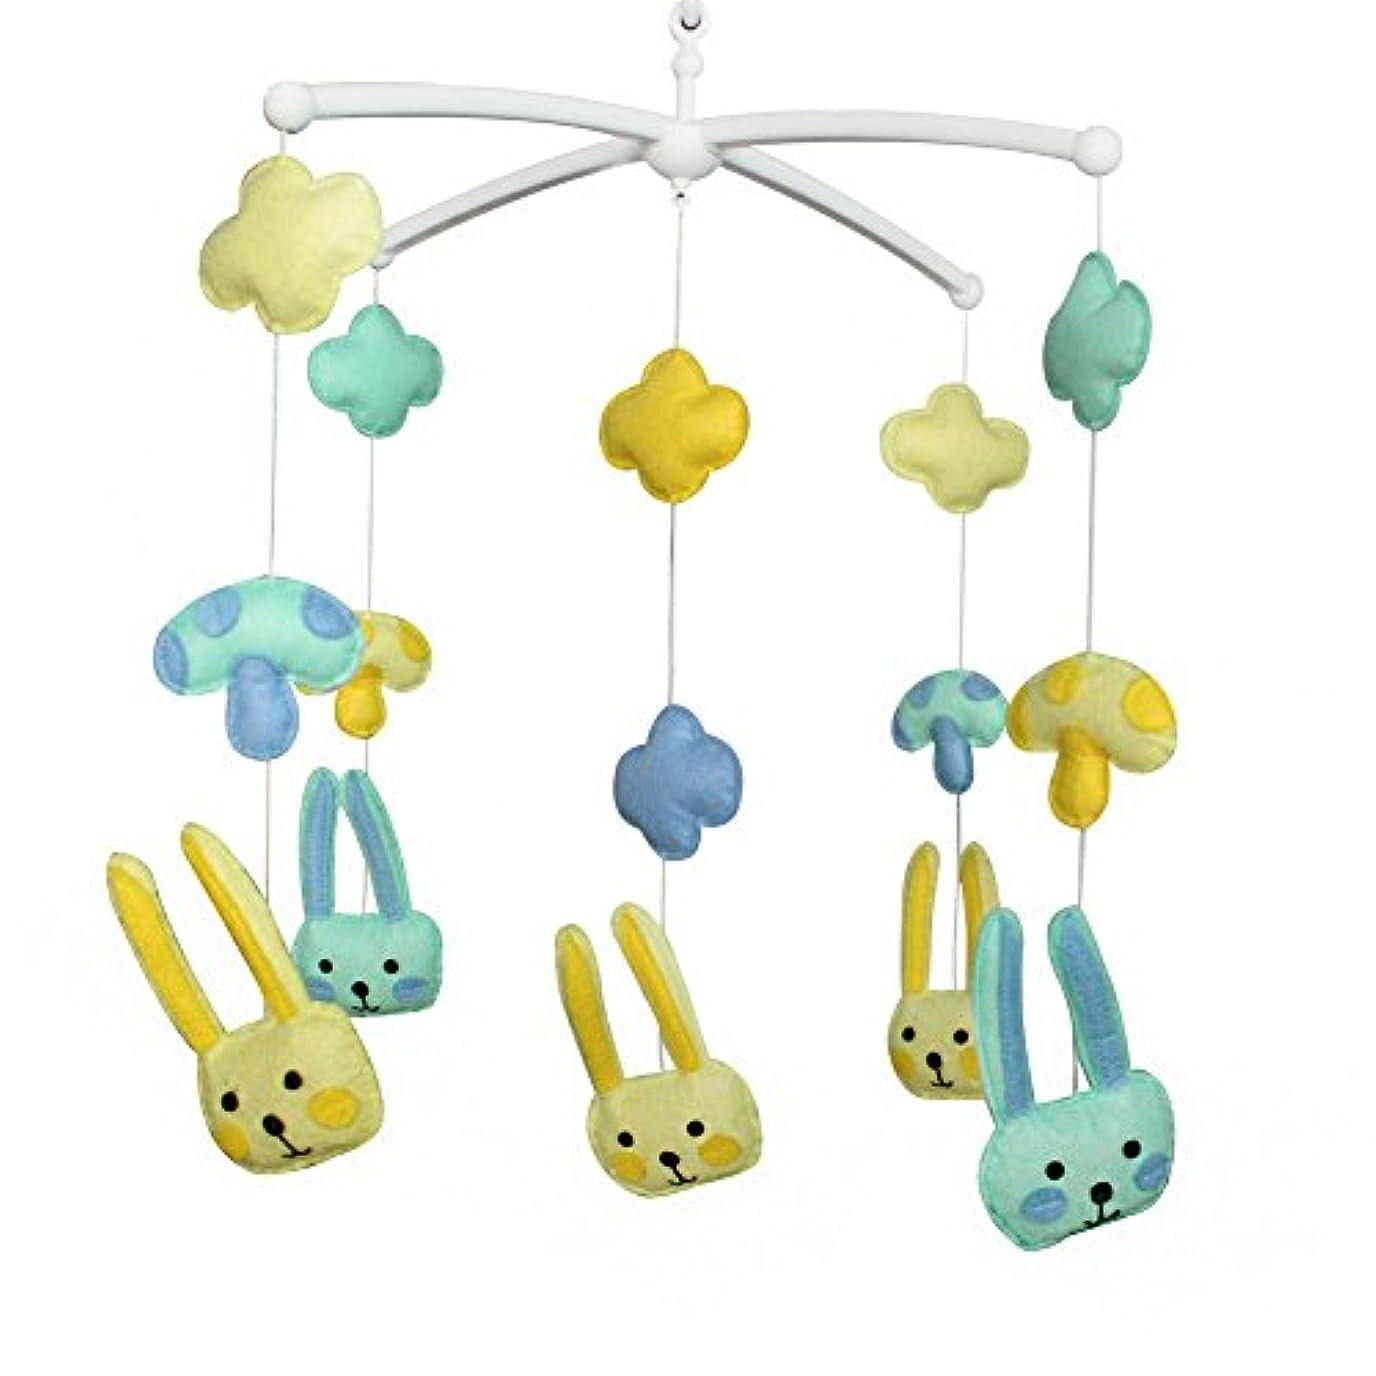 小売理由ベル創造的な赤ちゃんのおもちゃ誕生日ギフト保育園の装飾自家製面白い新生児ベビーベッドベルミュージカルベビーベビーベッドモバイル用おやすみトイ0?2歳(黄色)